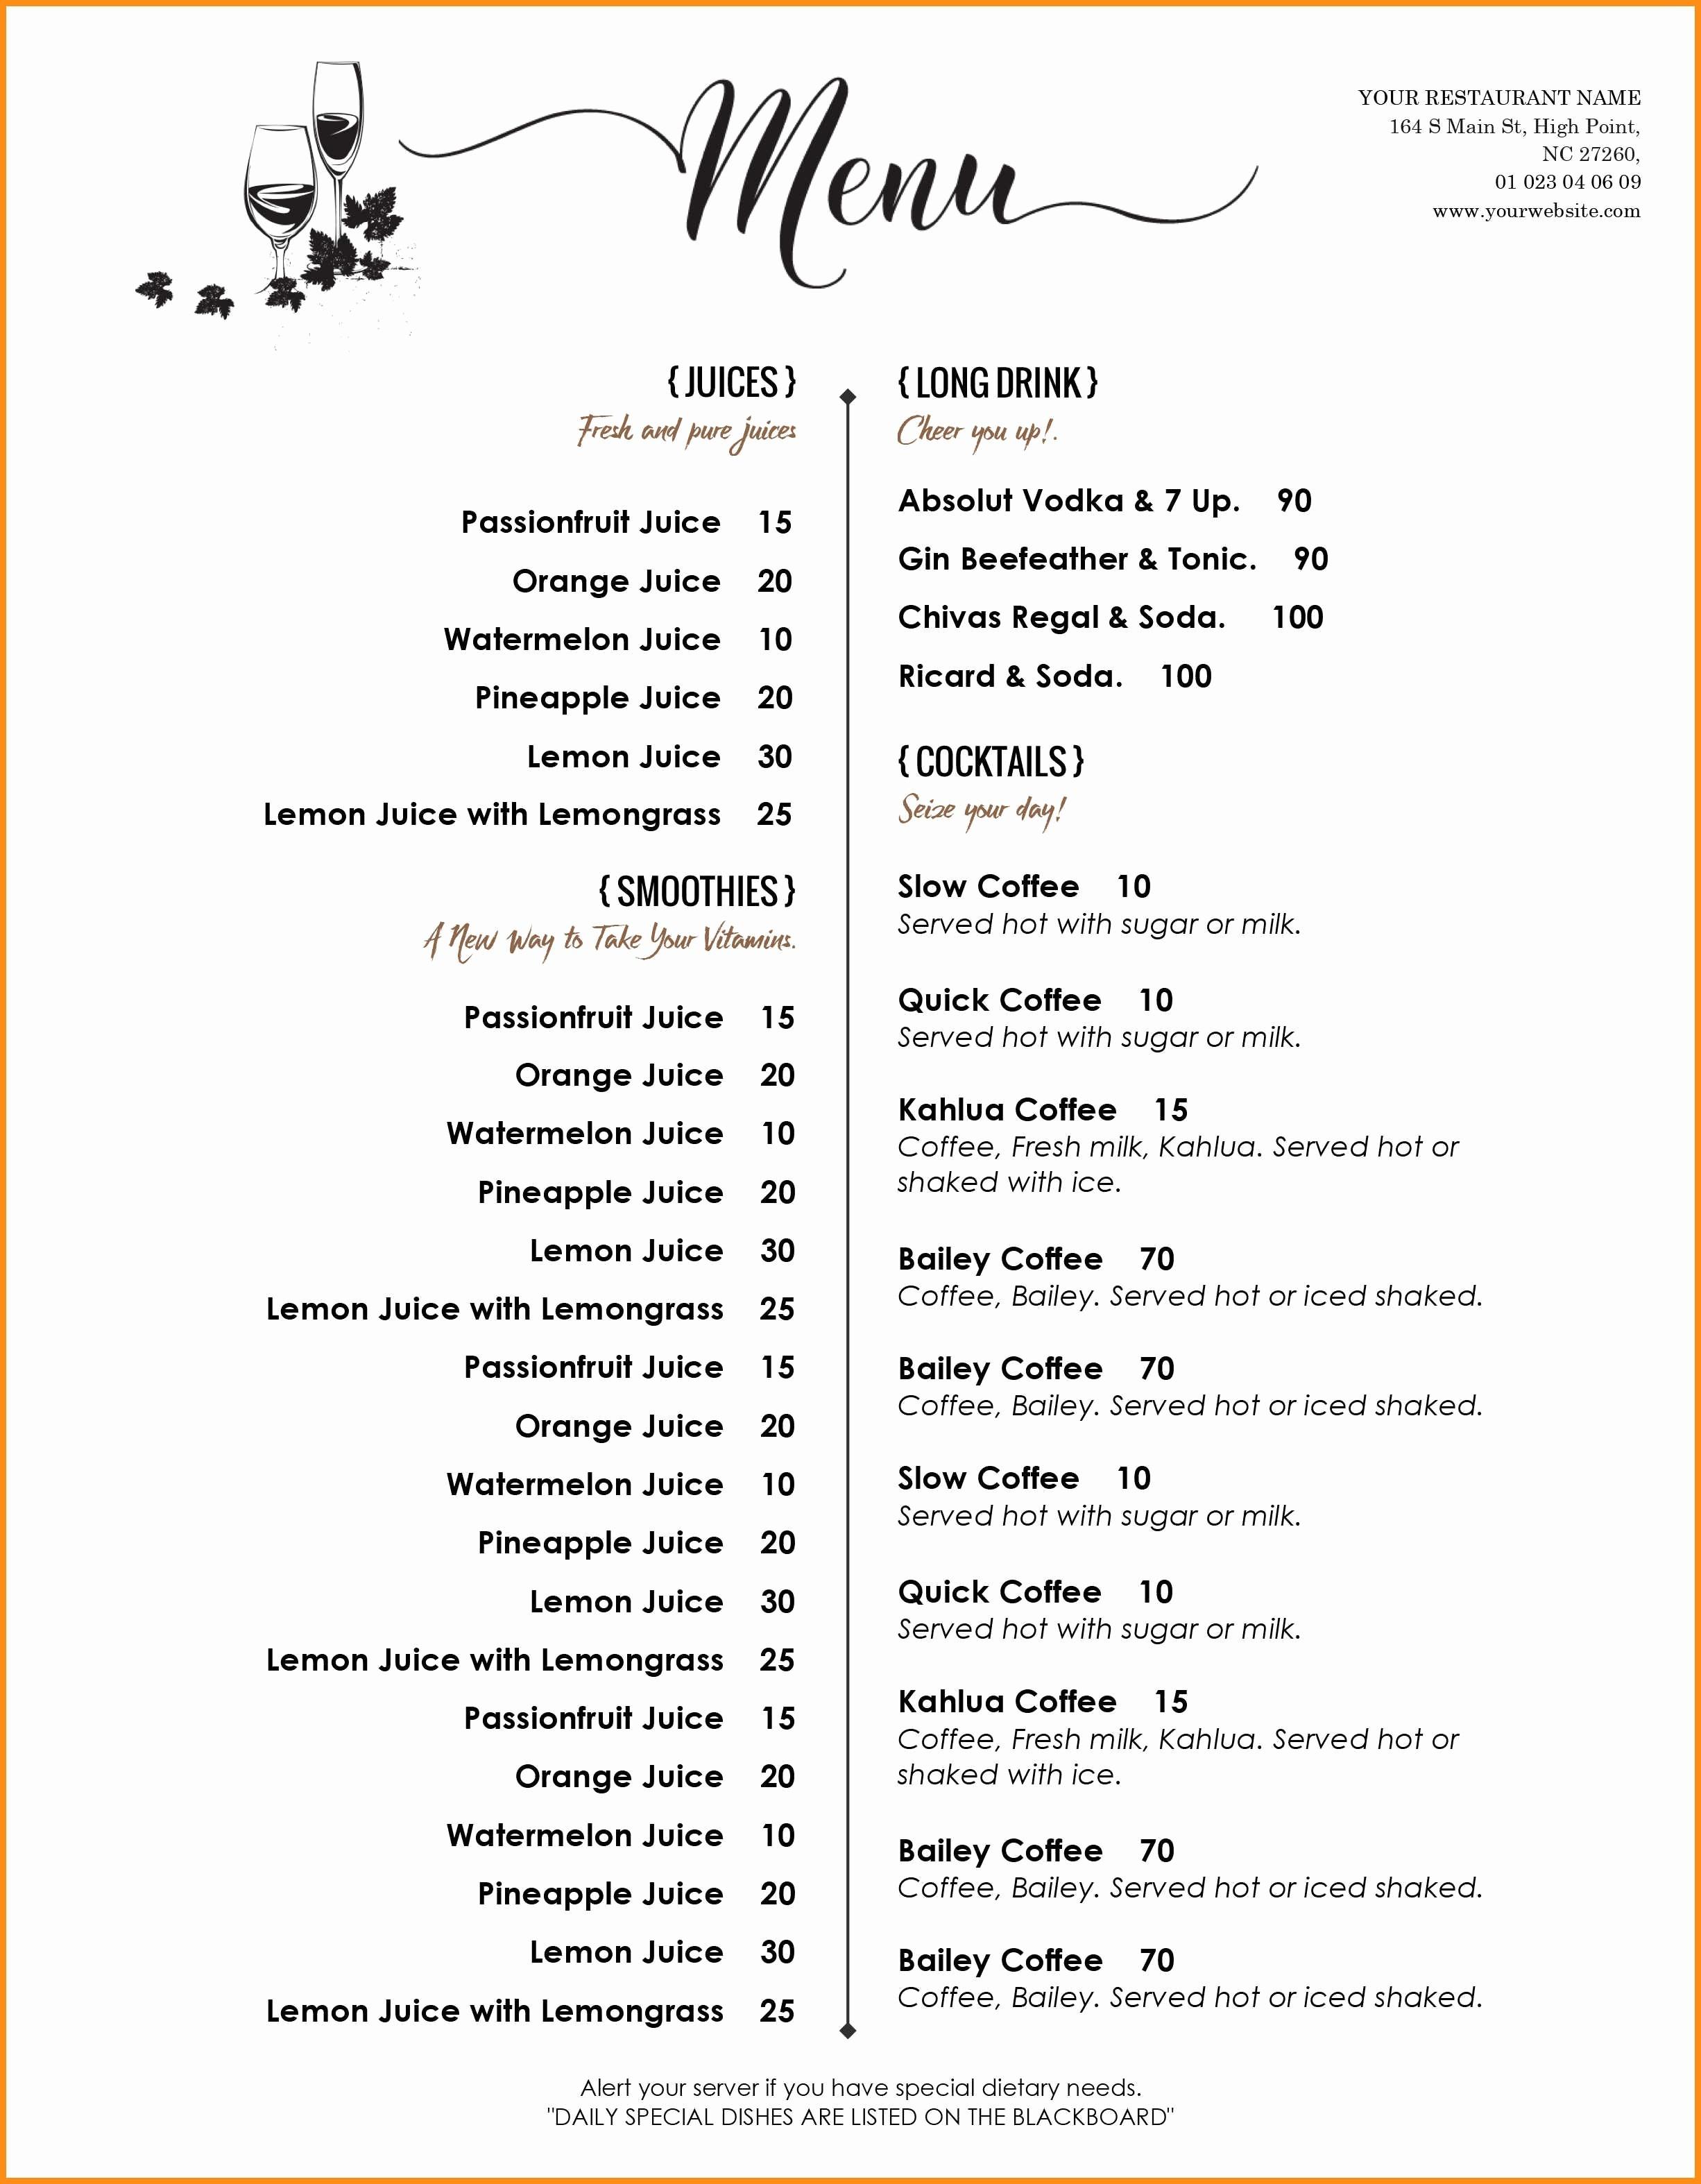 004 Free Printable Drink Menu Template Elegant Templates Word Of - Free Printable Menu Templates Word